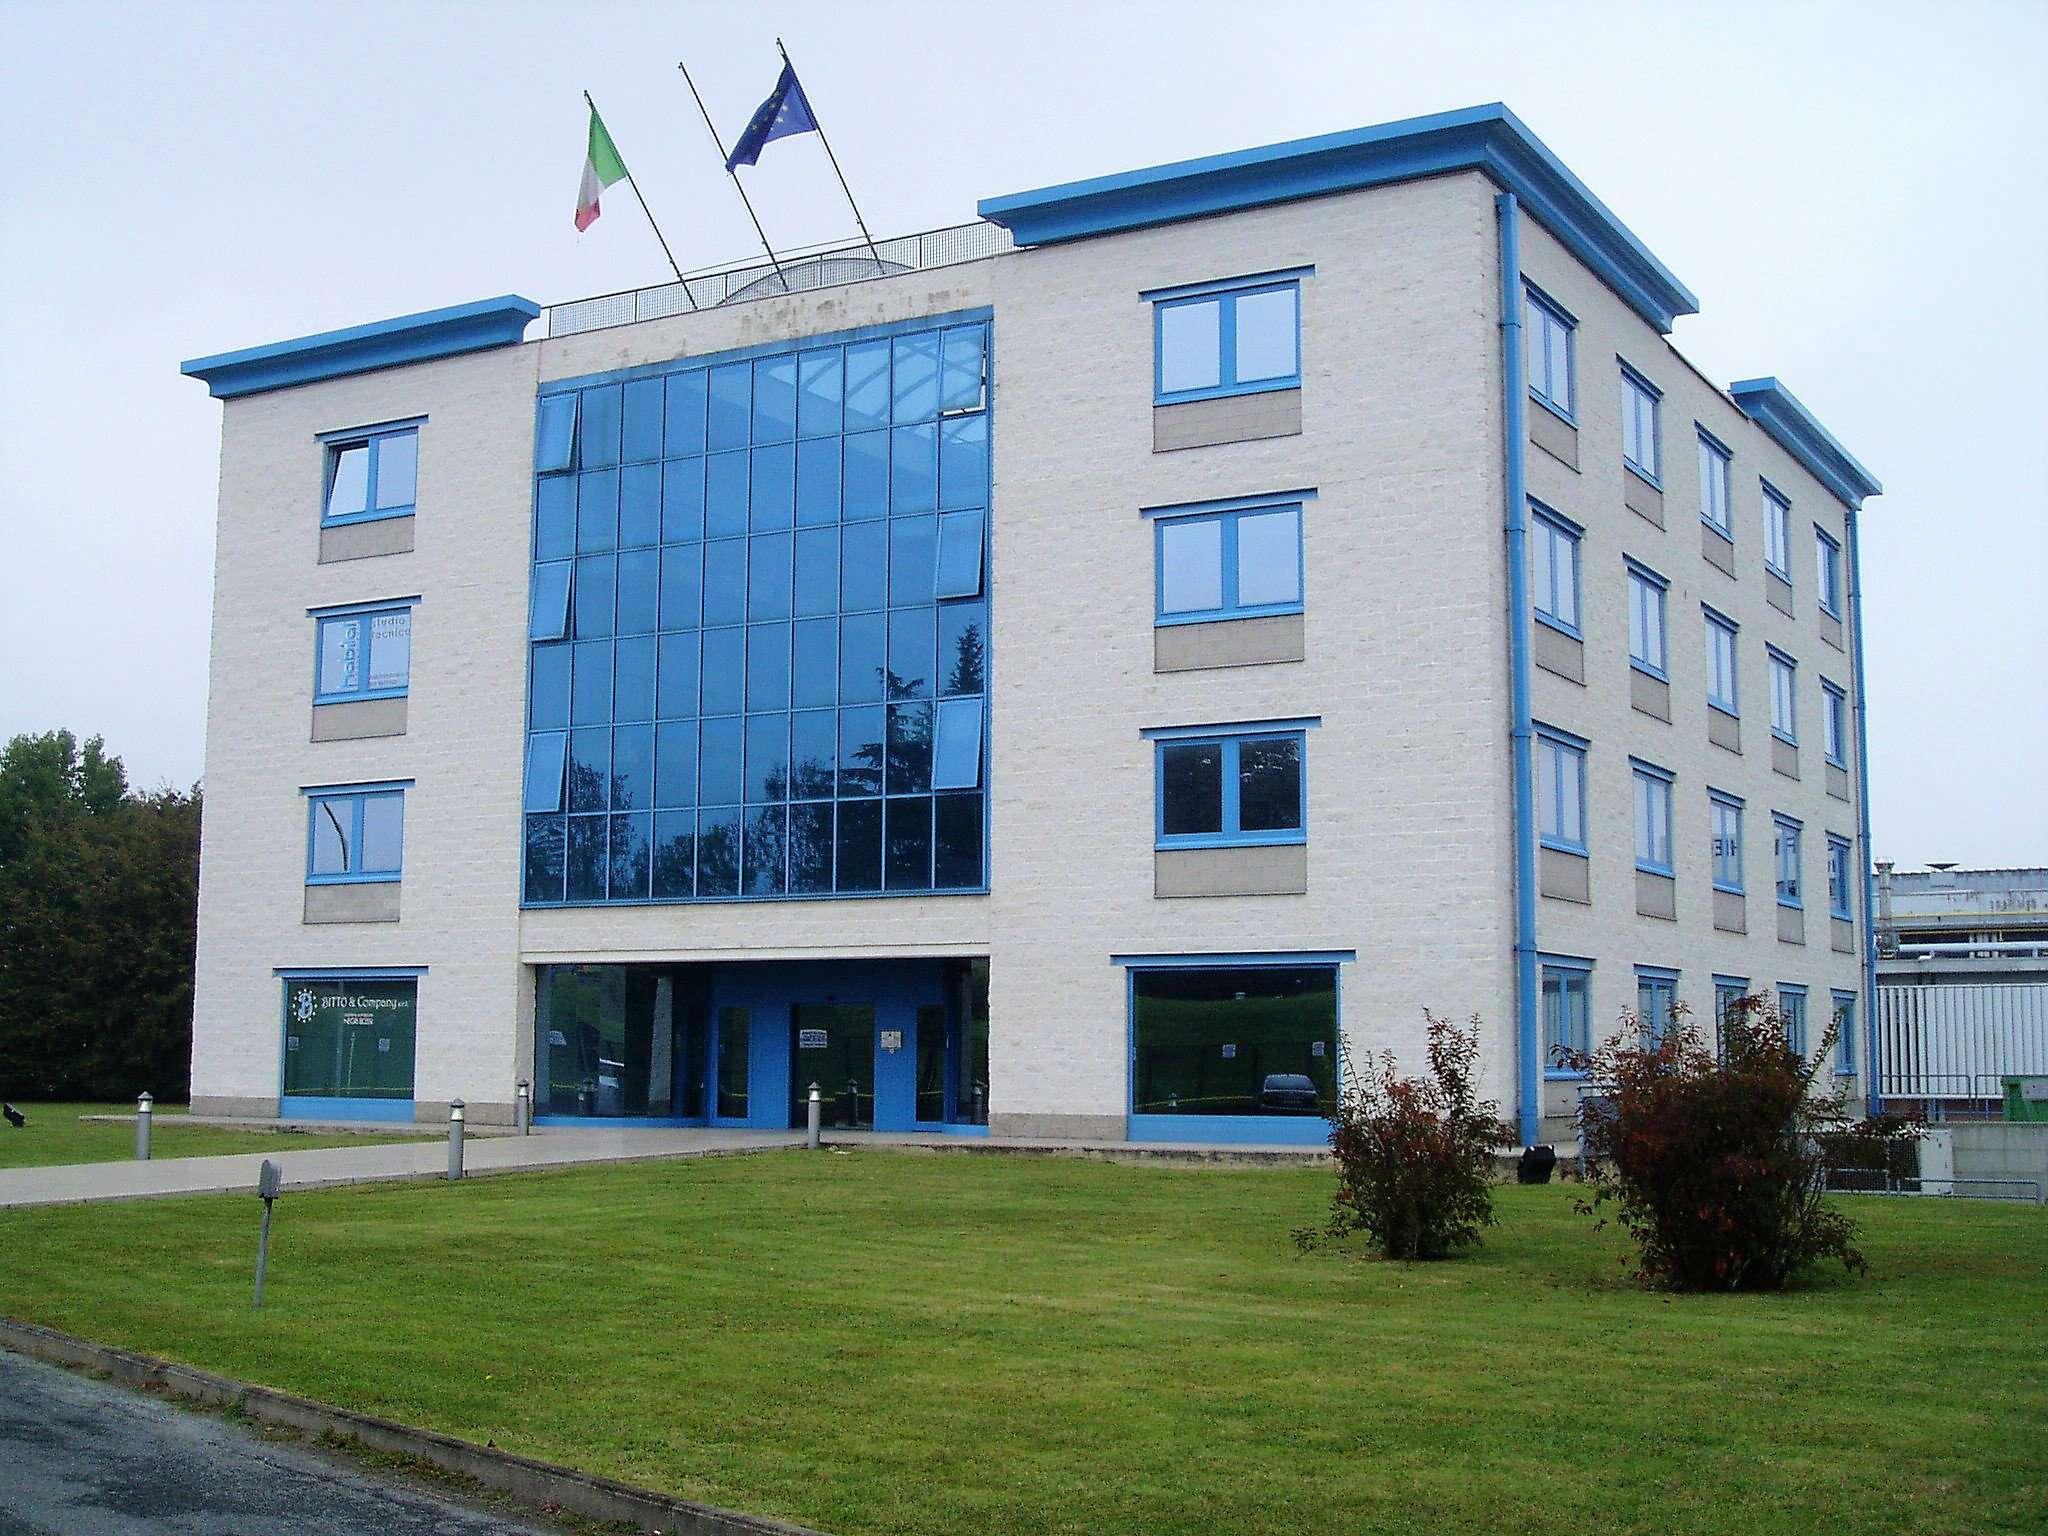 Immagine immobiliare INDUSTRIAL PARK BLU SKY 2 In prestigiosa palazzina, al piano secondo, ufficio in affitto, mq. 88, open space con servizi.Ipe 23,9 kWh/m3EURO 530 mensili